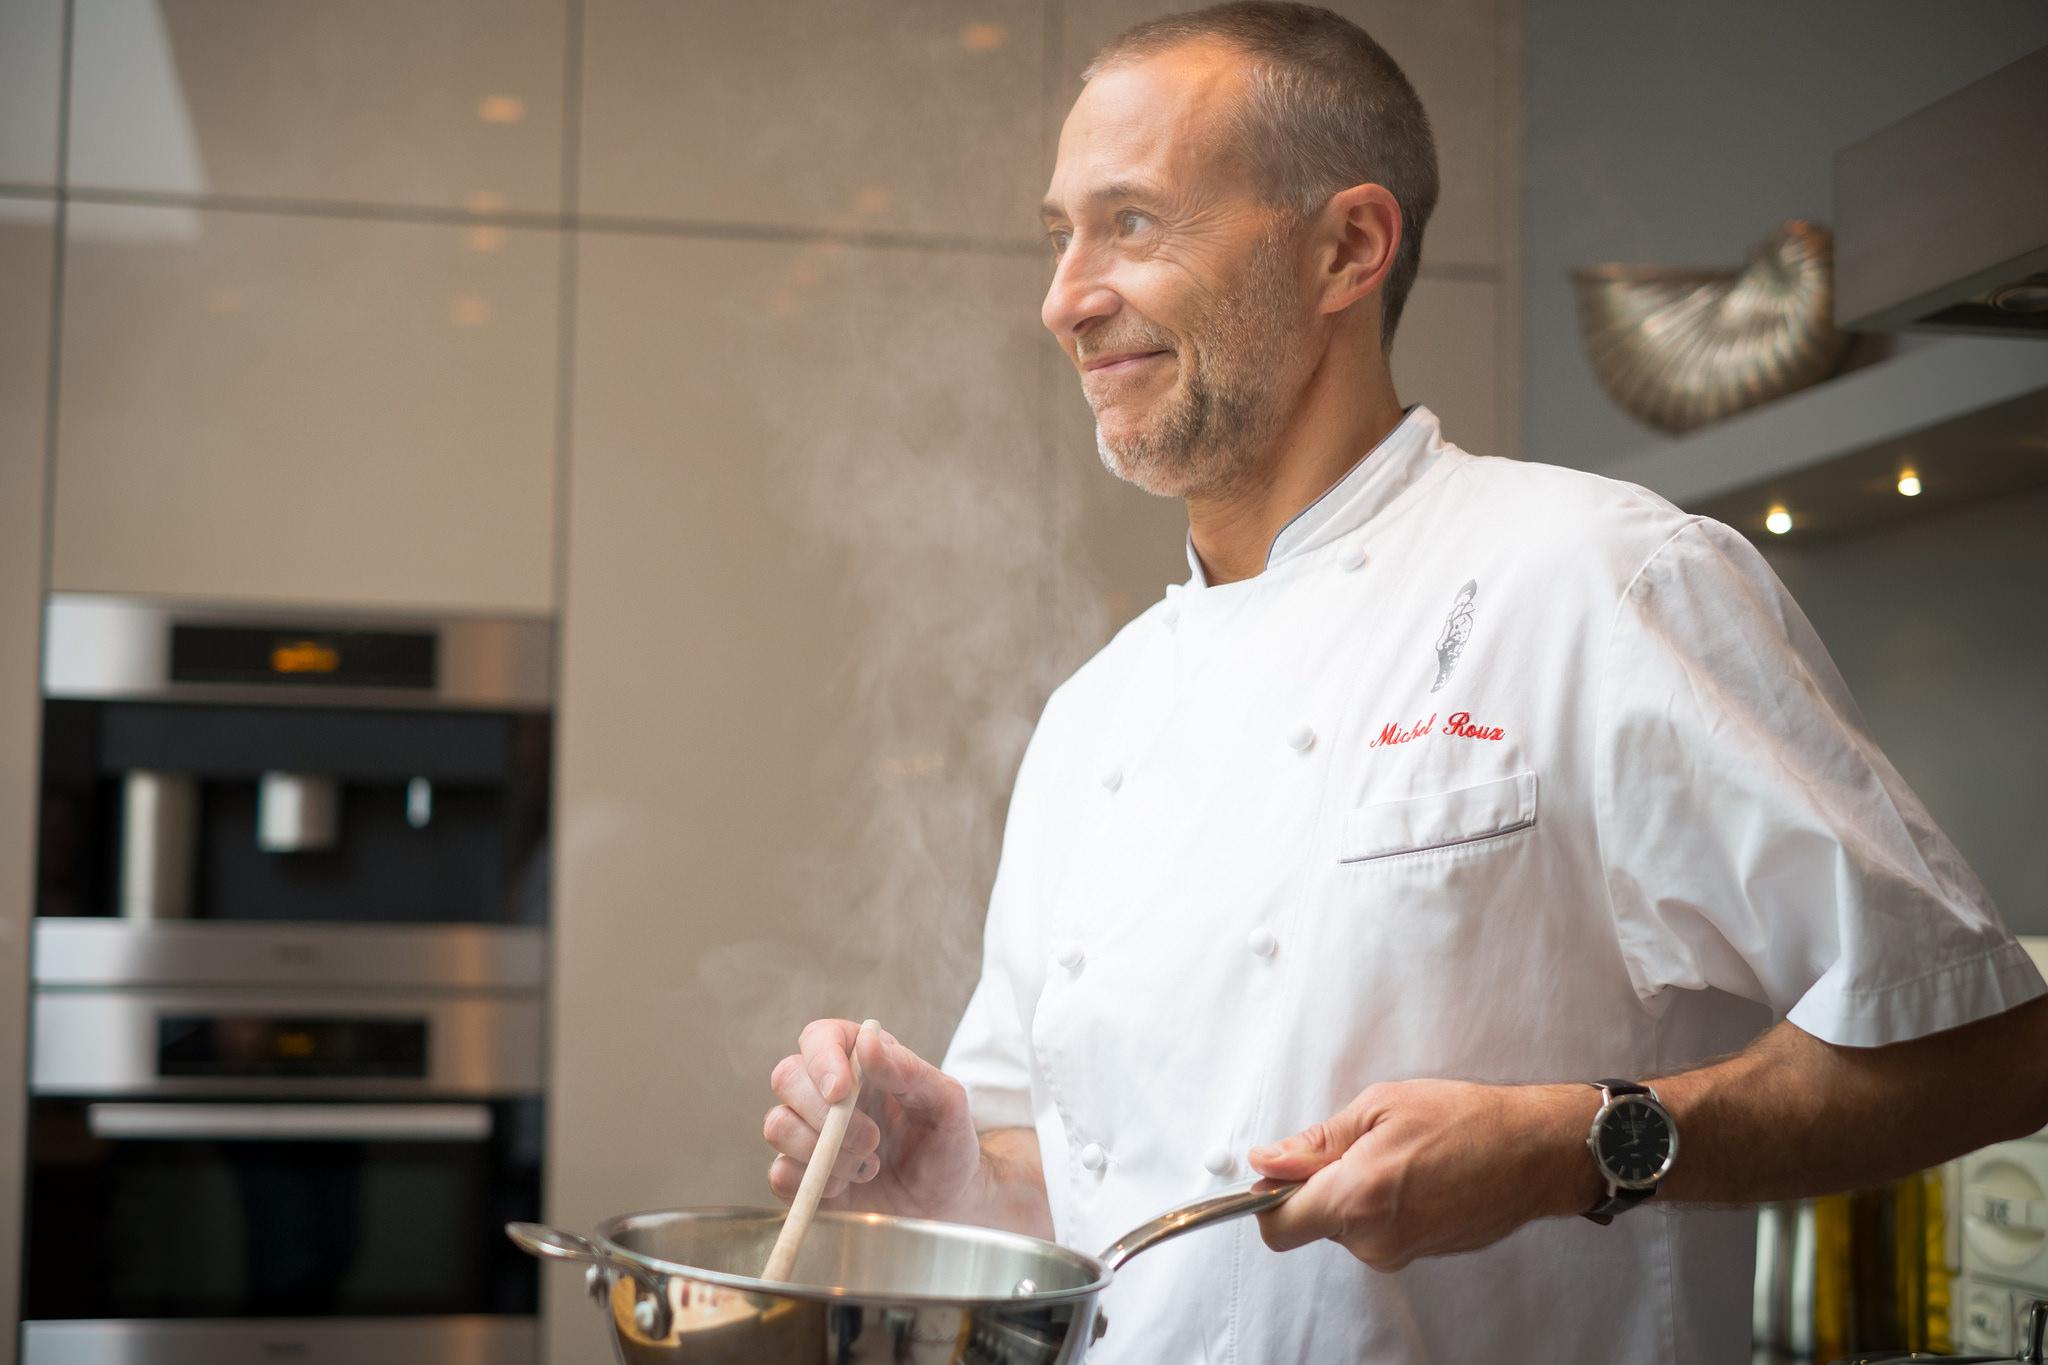 Michel Roux Jr. cooking